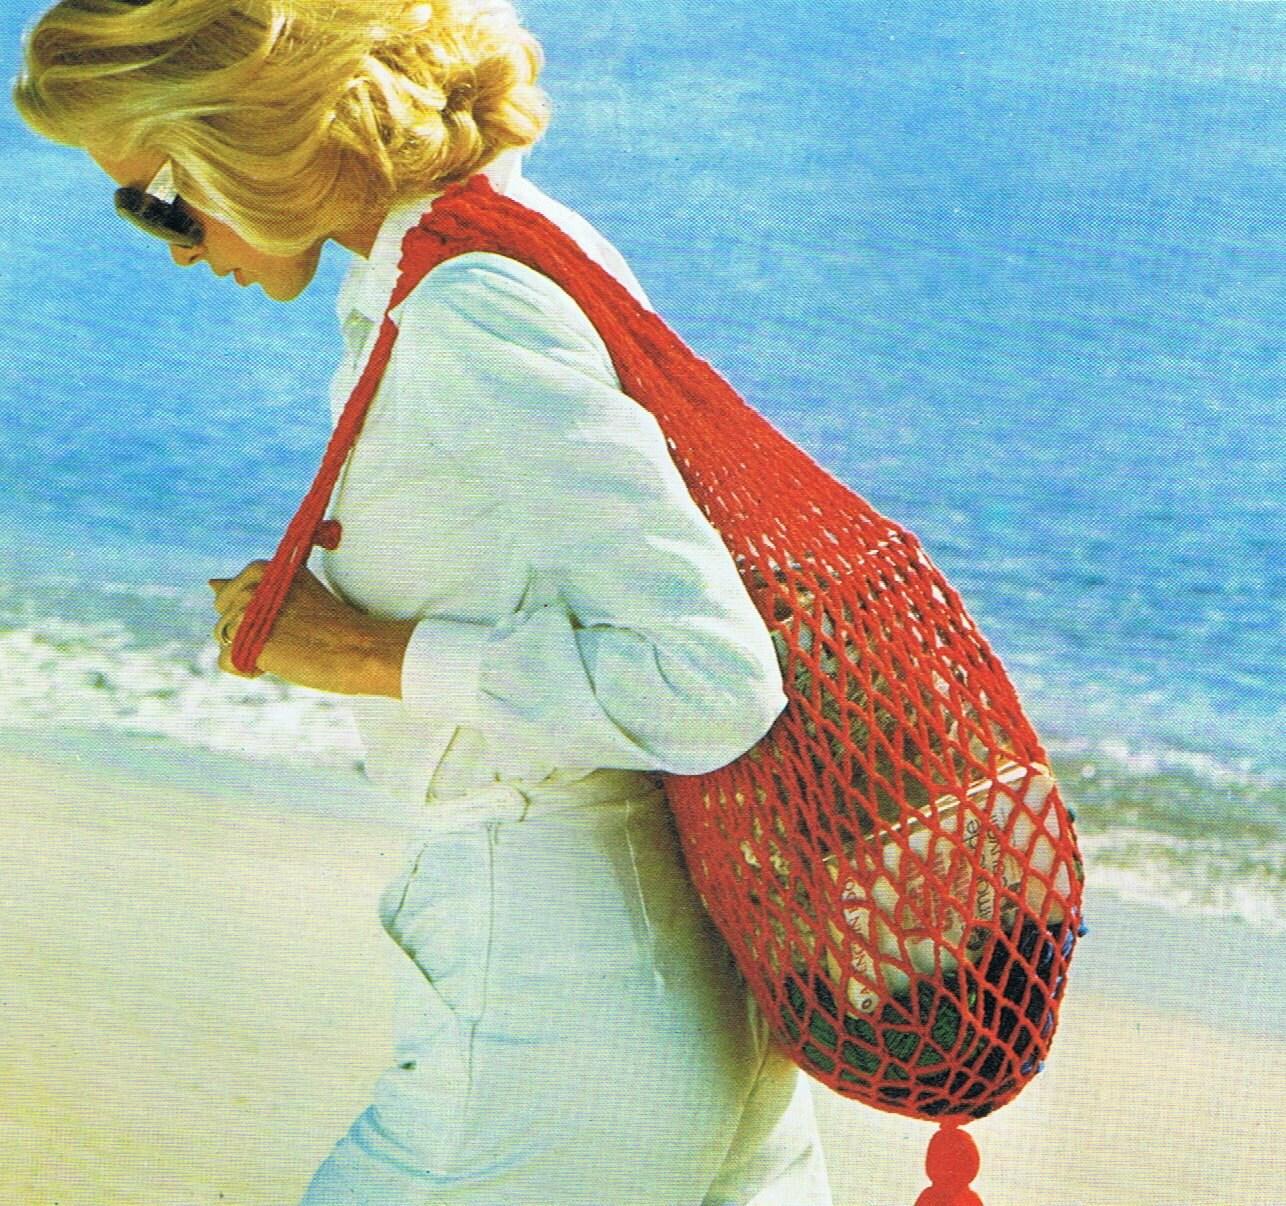 CROCHET BEACH BAG PATTERN Crochet Patterns